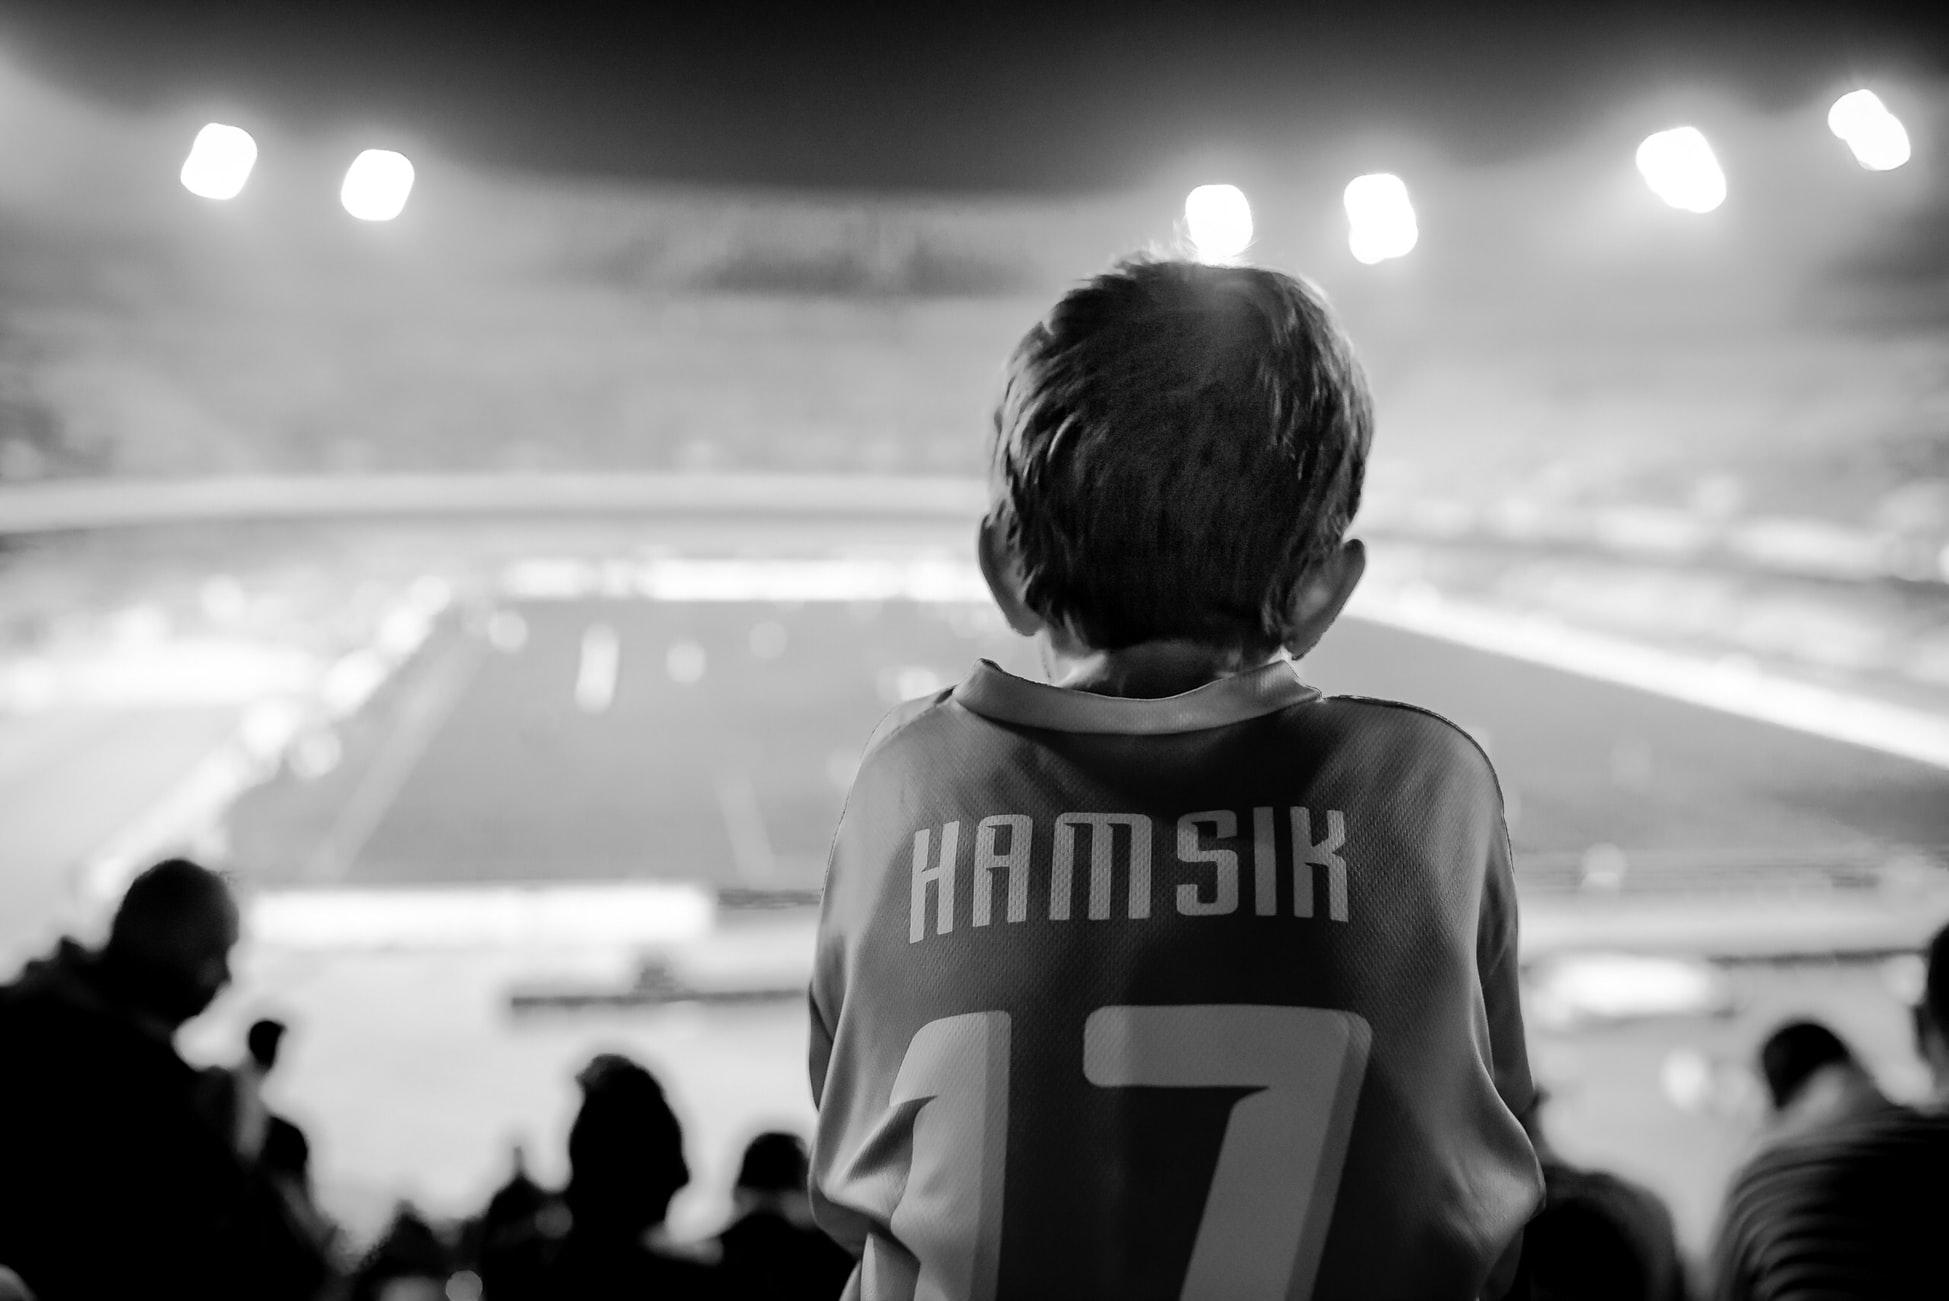 スポーツ観戦を観て夢を見る少年